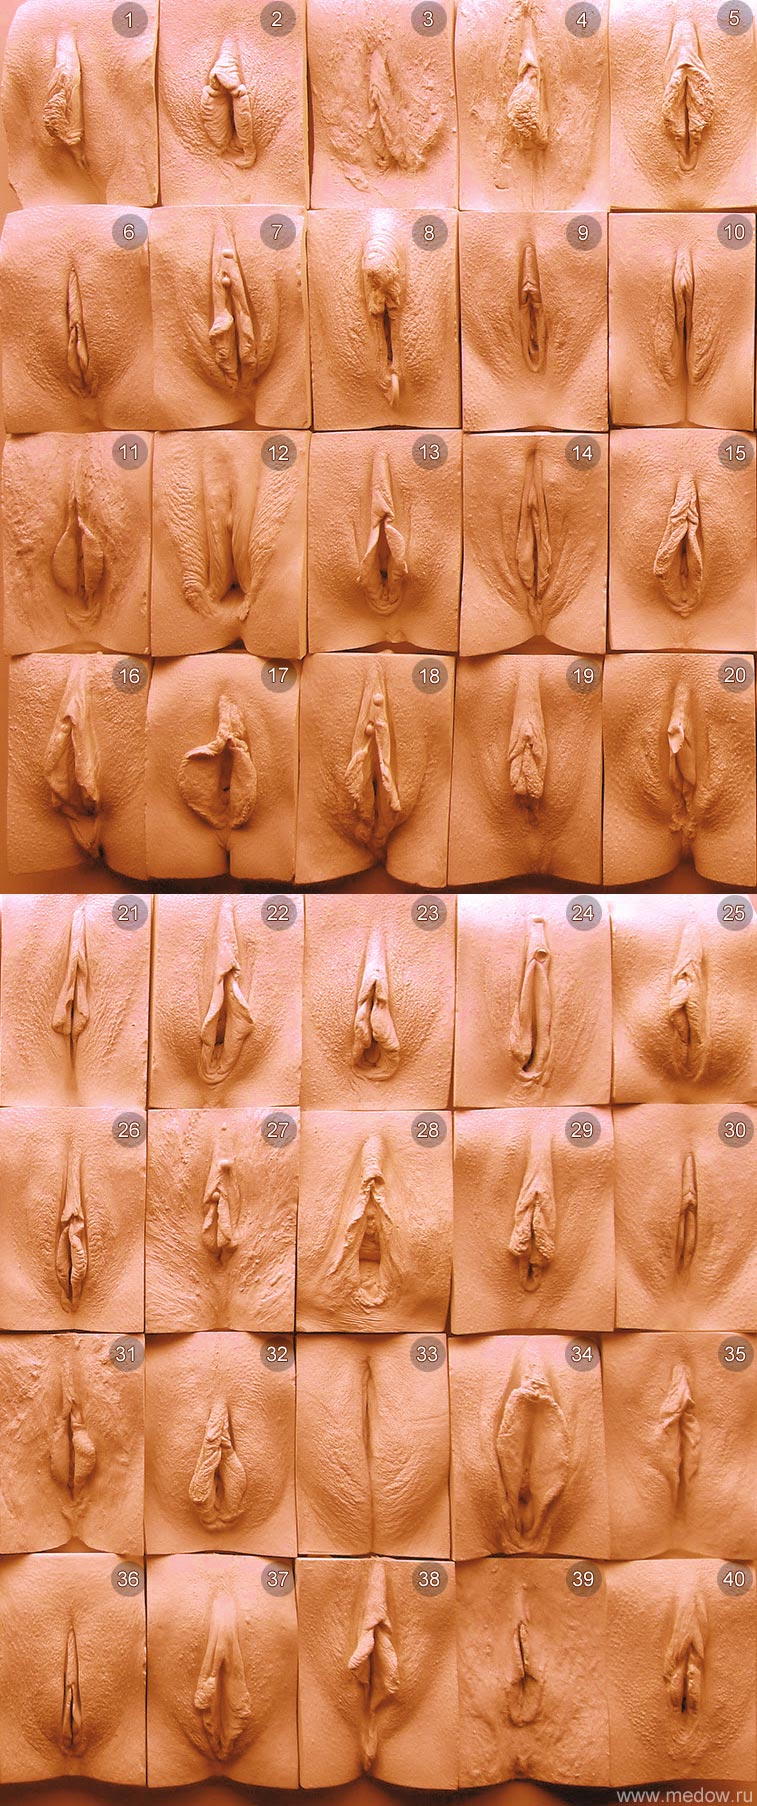 рахные виды вагины